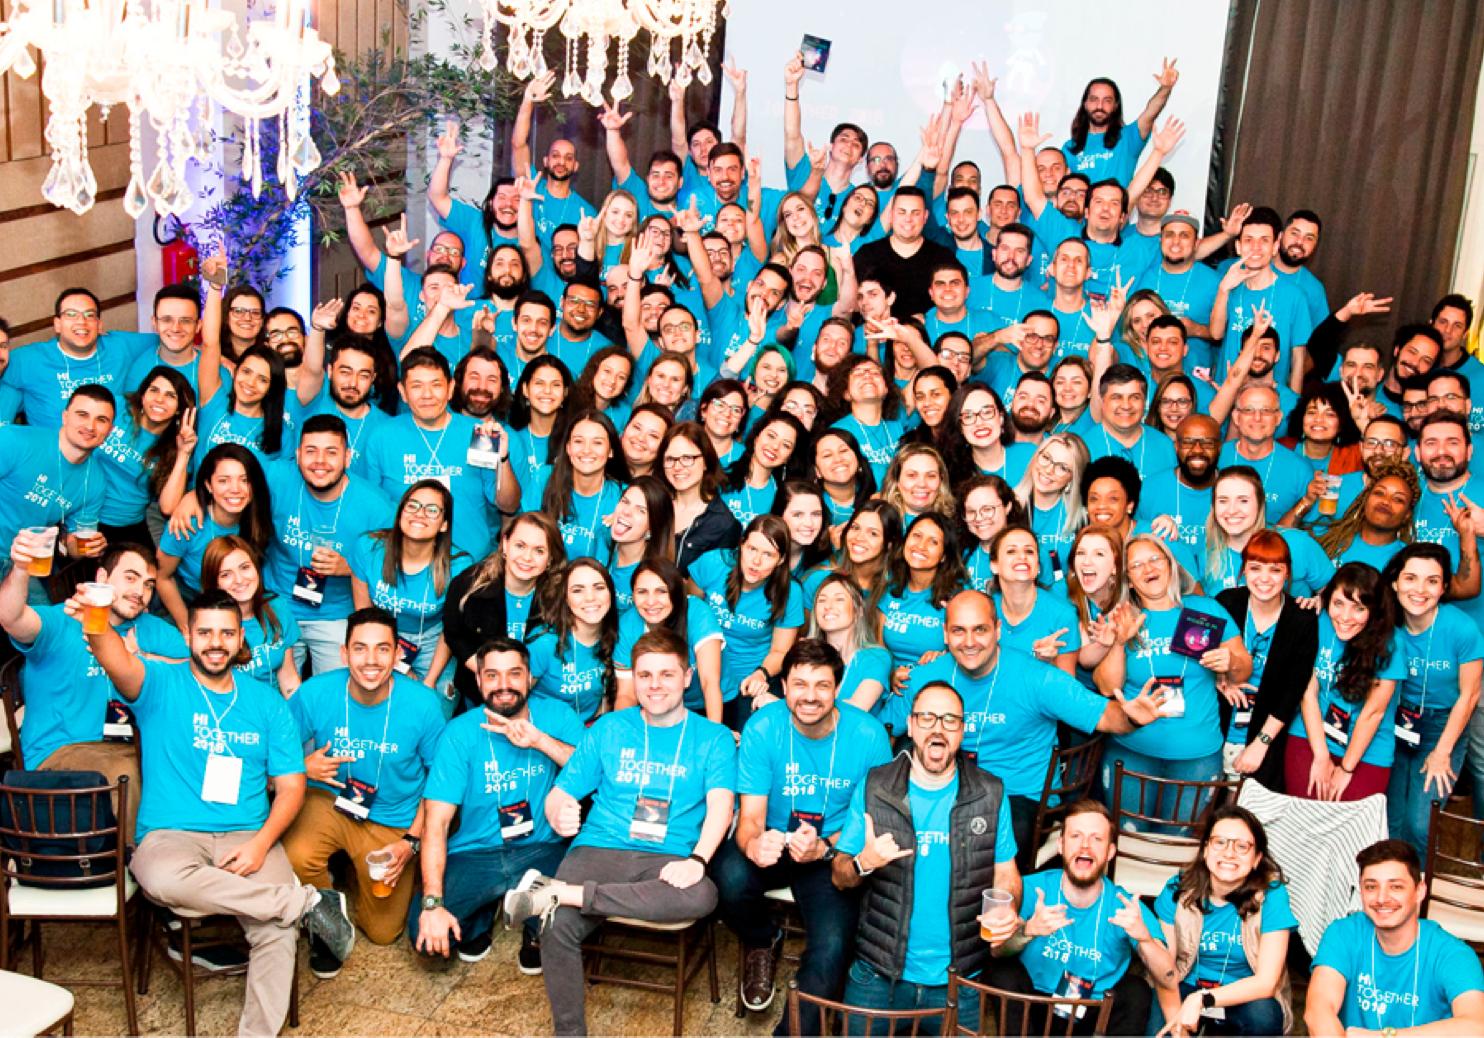 200+colaboradores - 2001ano de fundação